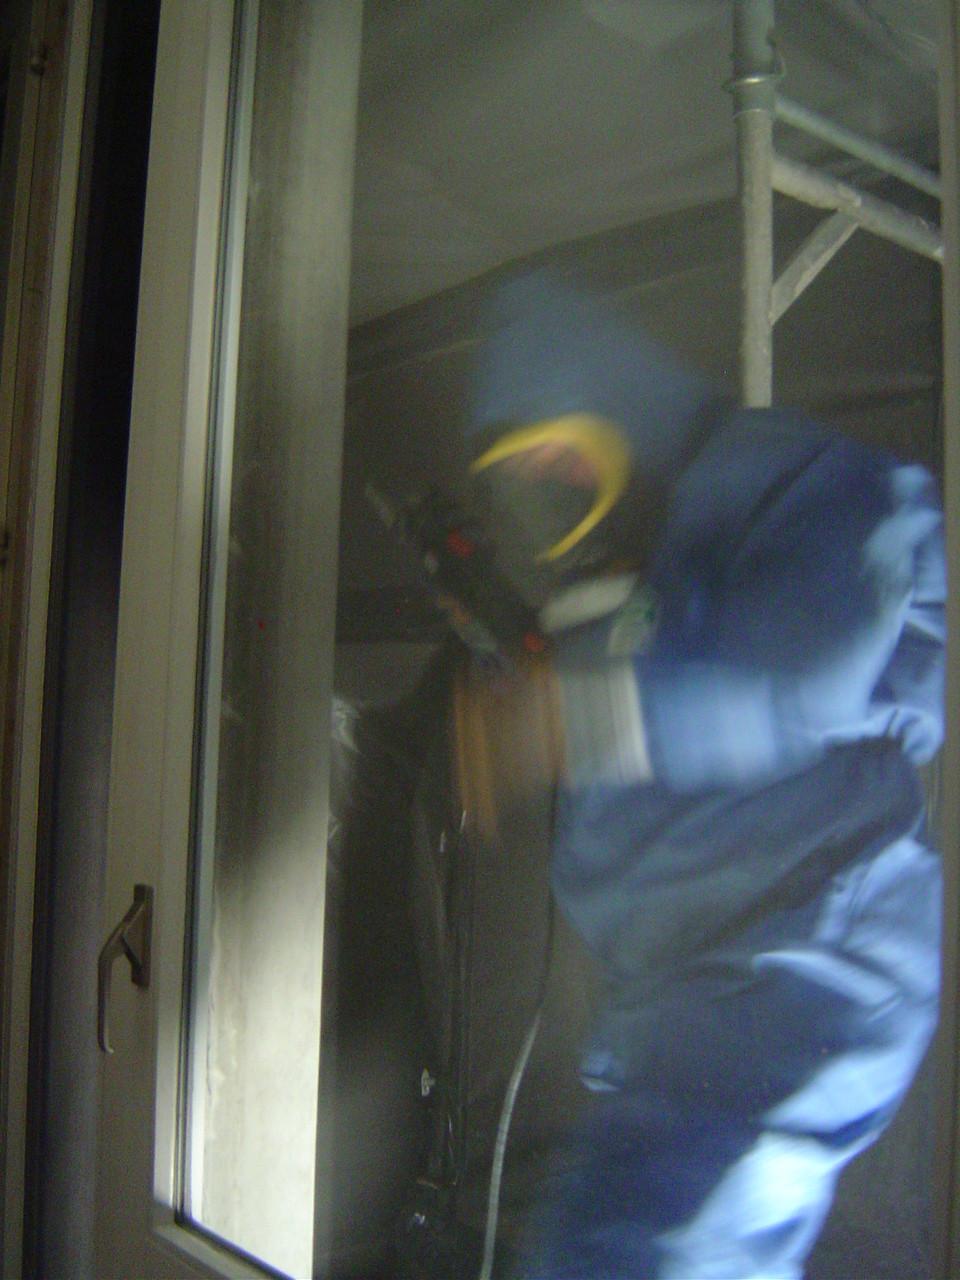 LINDENTHAL Umweltdienstleistungen: Schadstoffsanierung / Entfernung PCB-haltiger Fugen